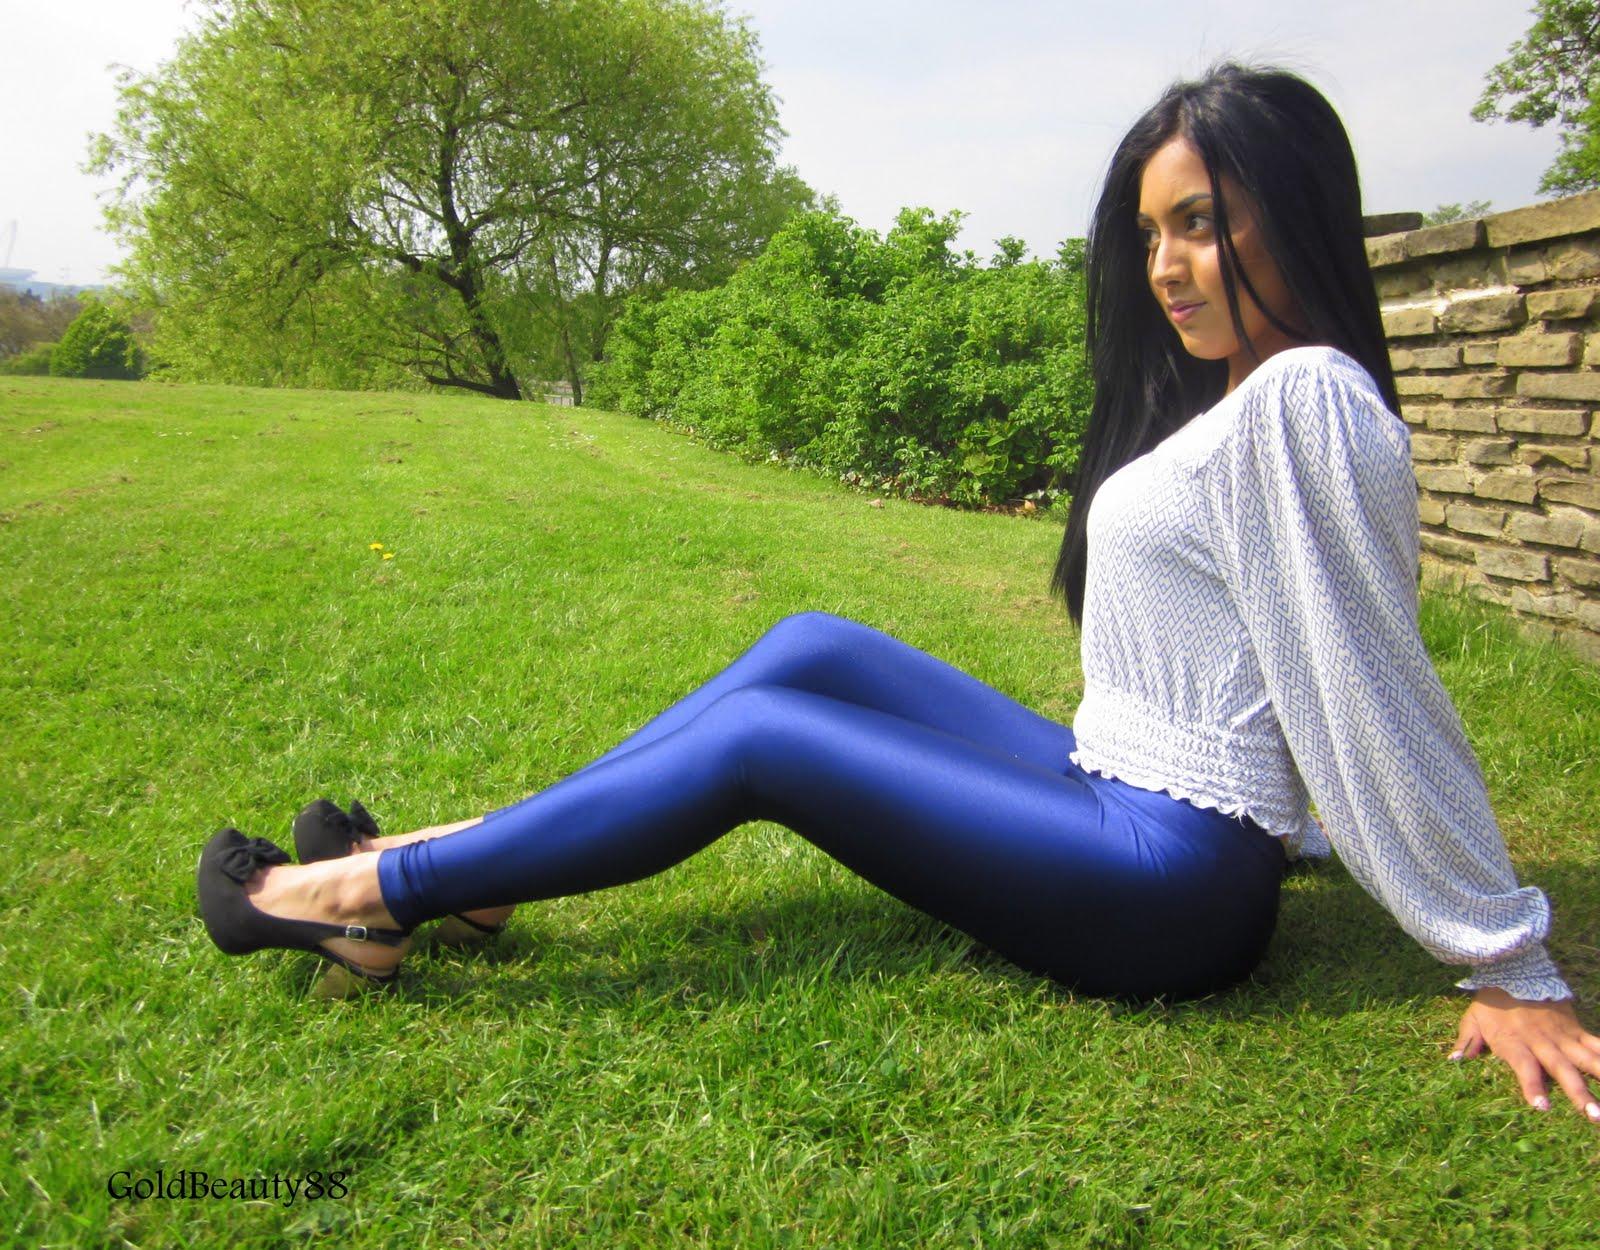 West fucks blog hot teen girls pornstar sitemap brunette